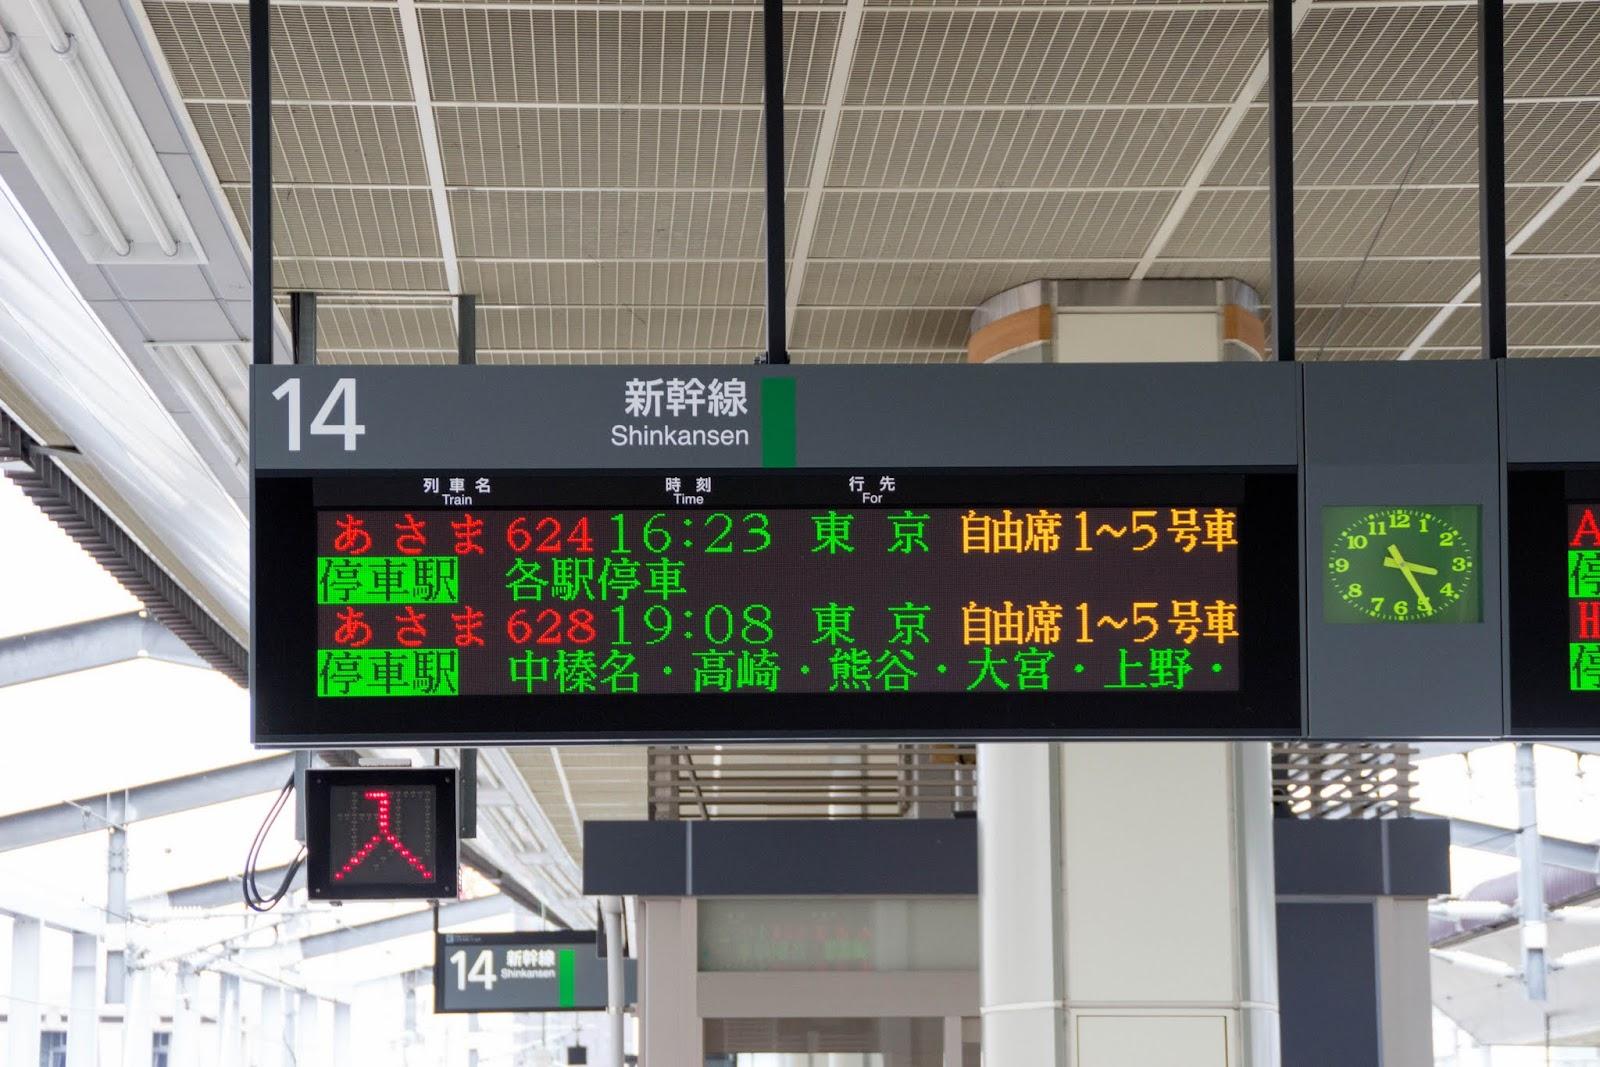 15:25 次の列車